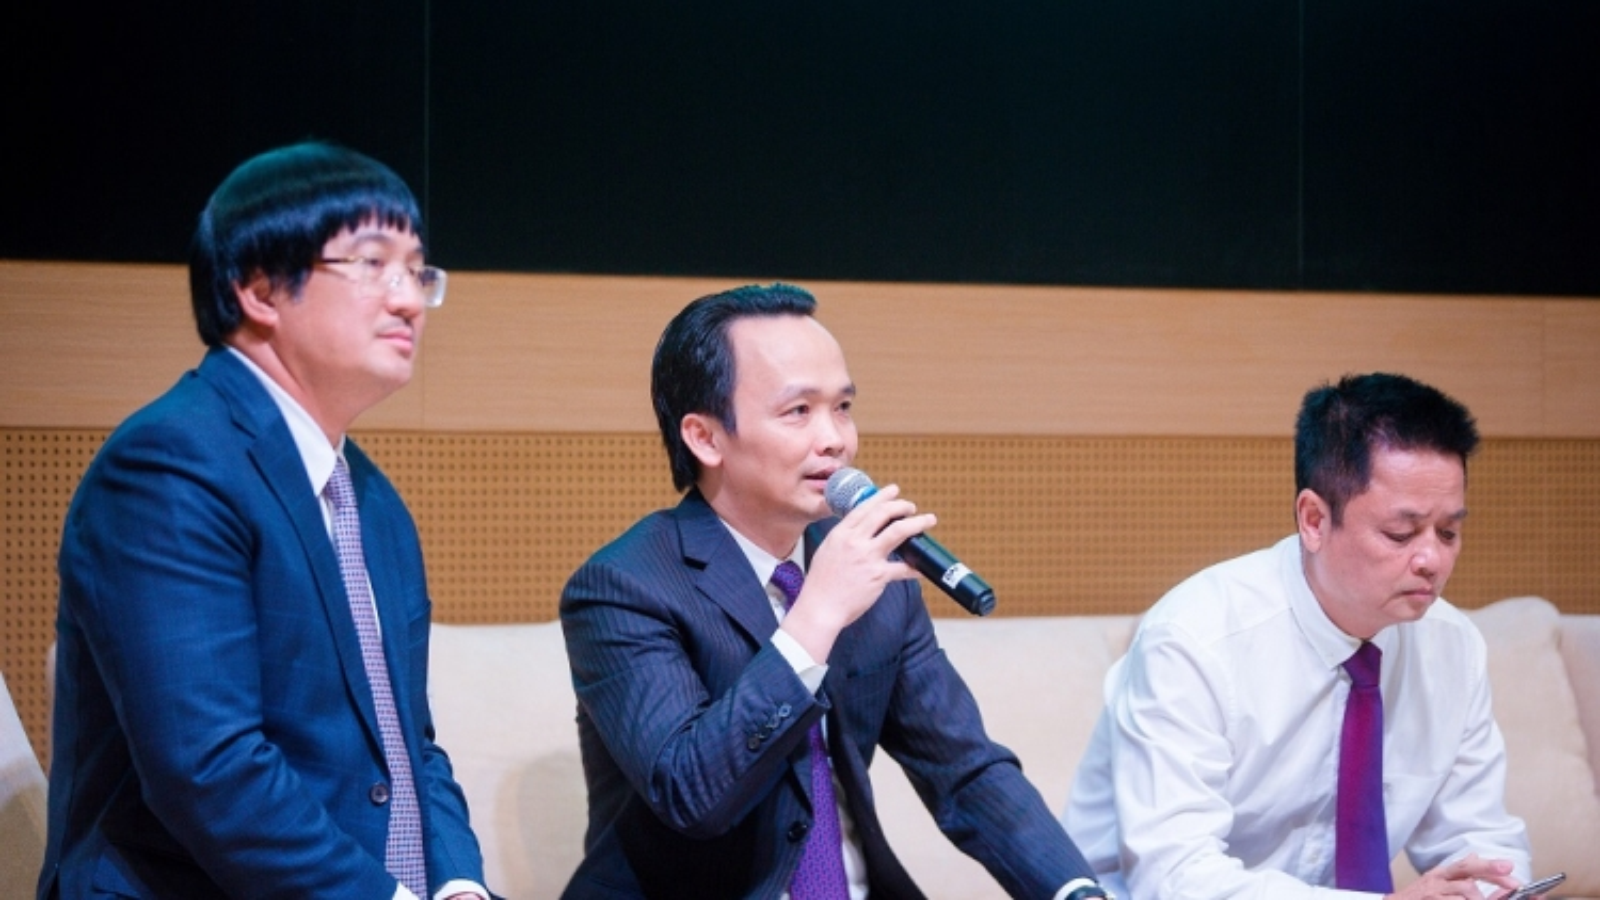 Ông Nguyễn Đức Hưởng: Bamboo Airways có thể đạt chuẩn tiếp viên 5 sao quốc tế ngay từ 2021